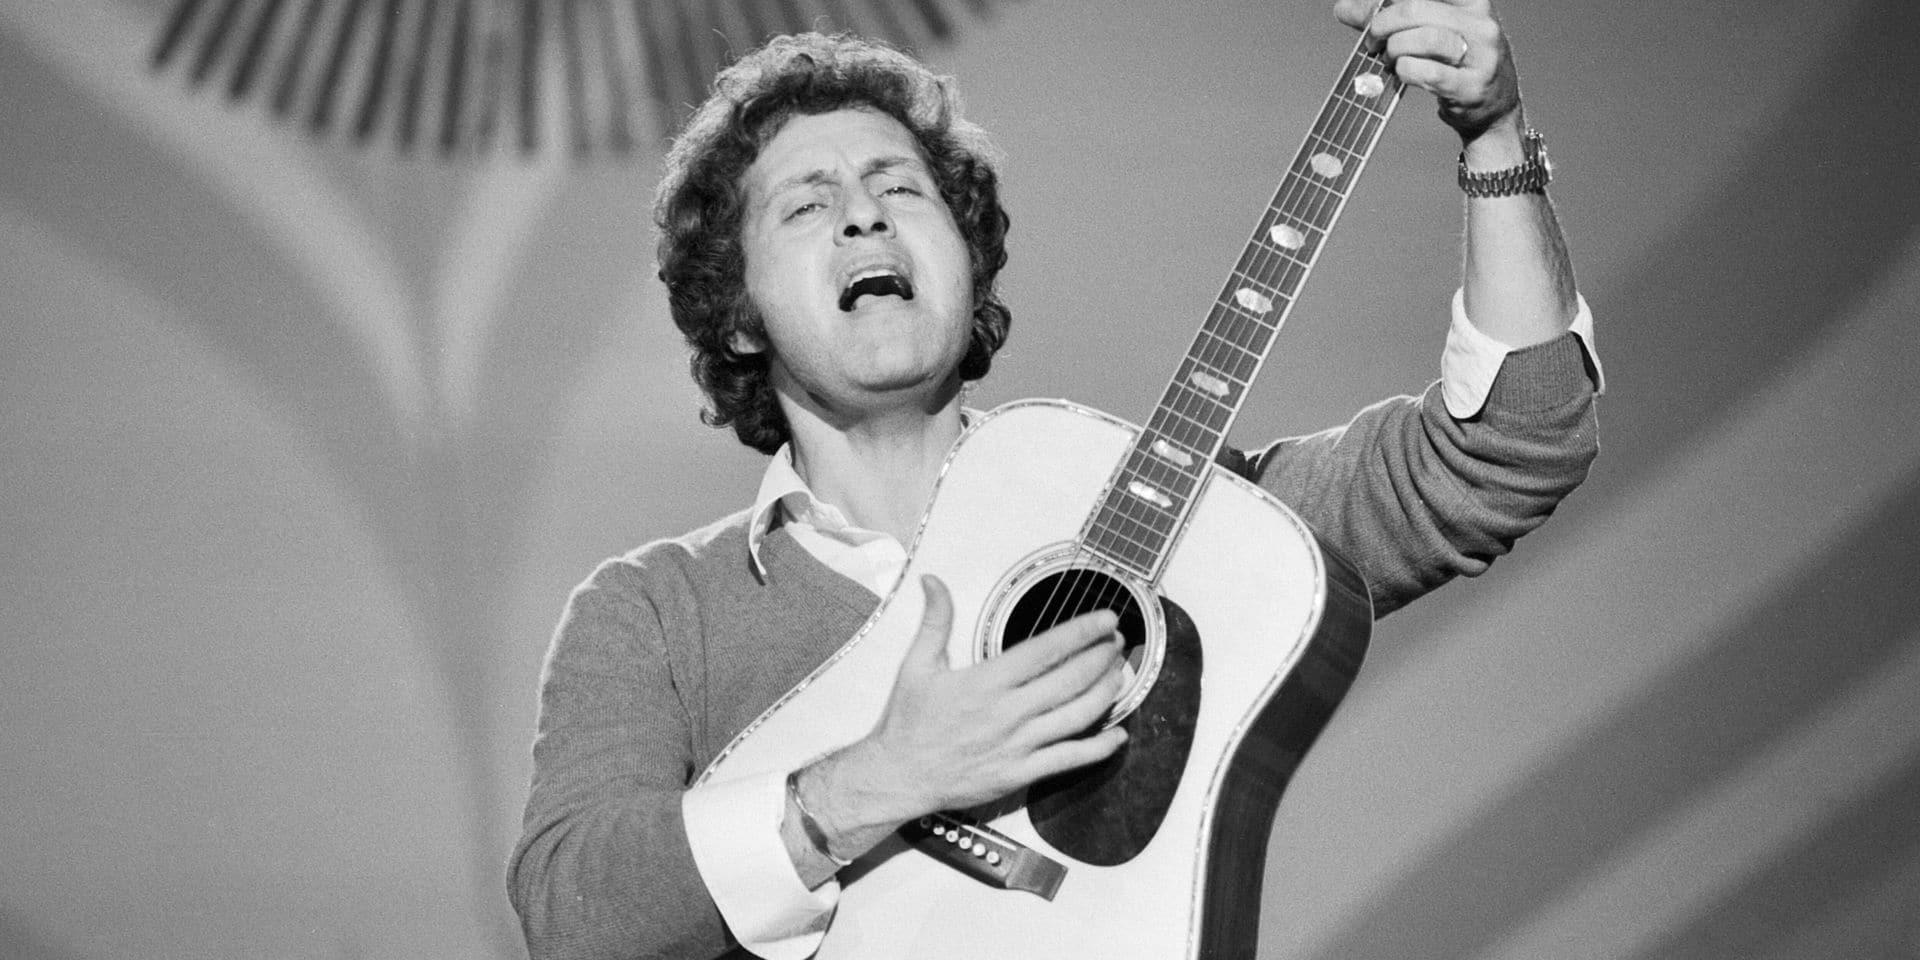 Joe Dassin Joe Dassin, französischer Chansonsänger, bei einem Auftritt in Deutschland, um 1970. French chanson singer J